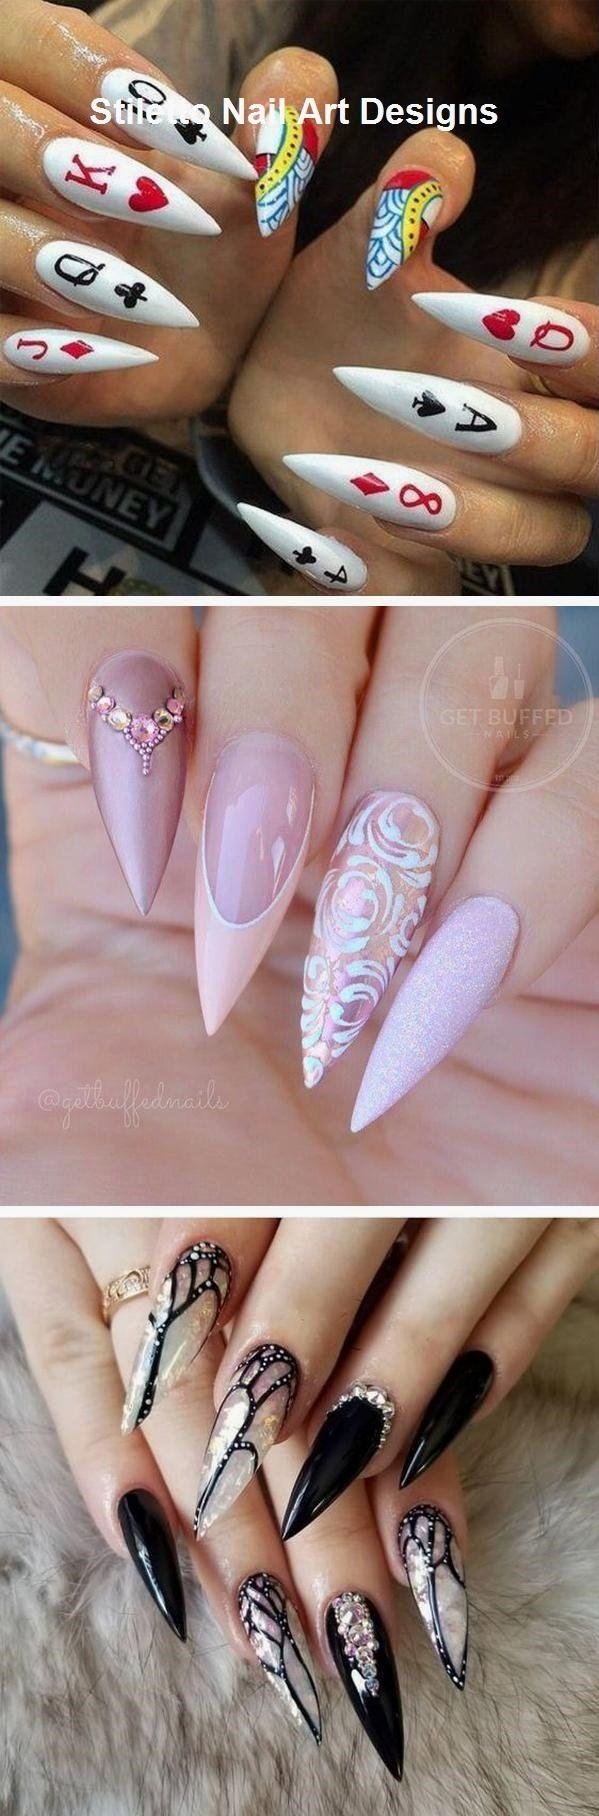 30 große Stiletto Nail Art Design-Ideen #naildesign – Nägel / Nails